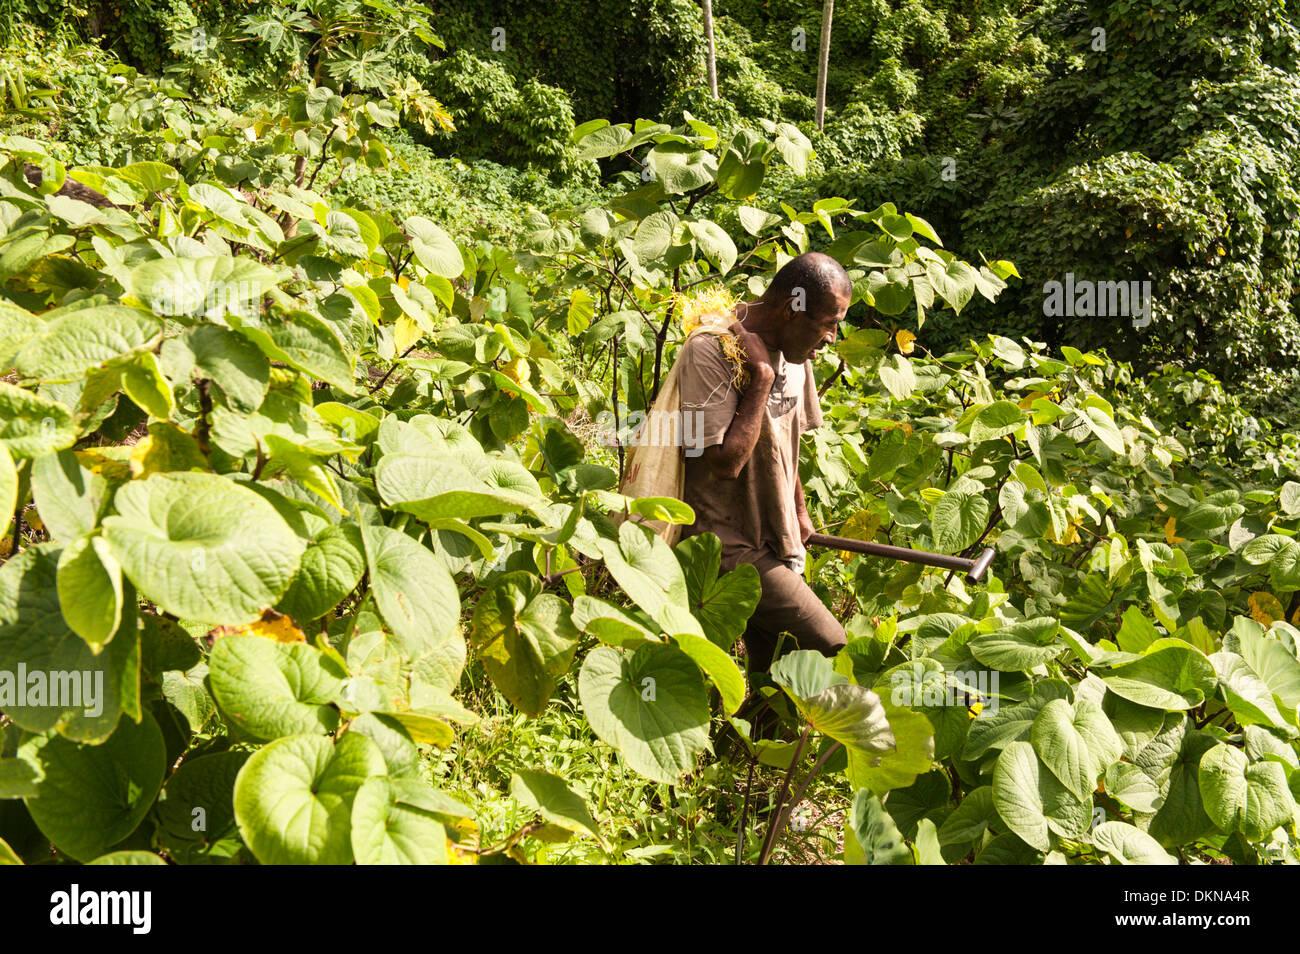 Housse de Jiko des légumes-racines qu'il a grandi à travers les buissons de kava dans son jardin à l'extérieur de la colline raide, Lomati, Matuku, Fidji Photo Stock